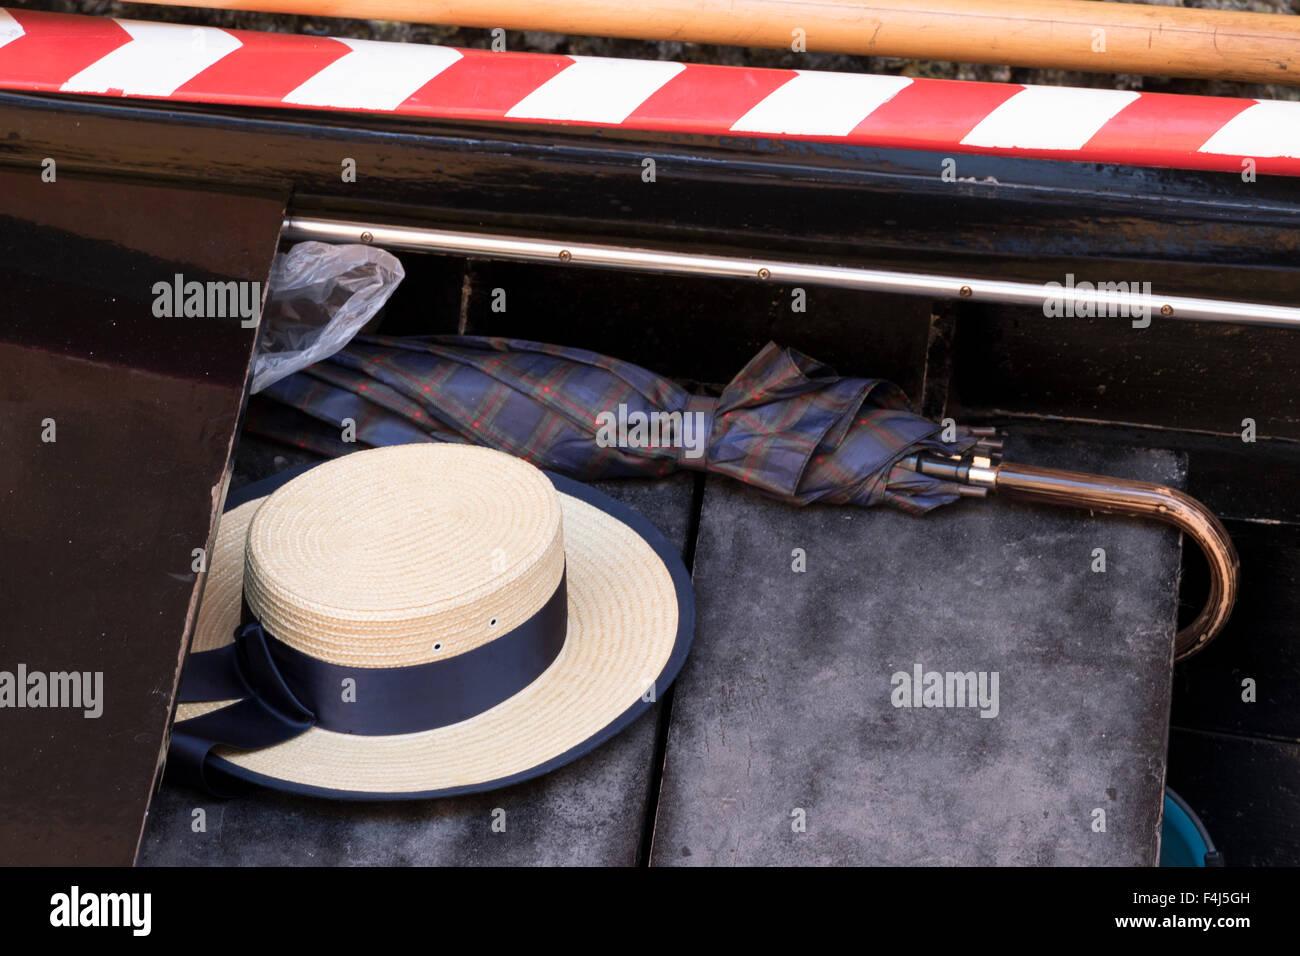 A gondolier s straw hat and umbrella on a gondola f7c0a0dd6